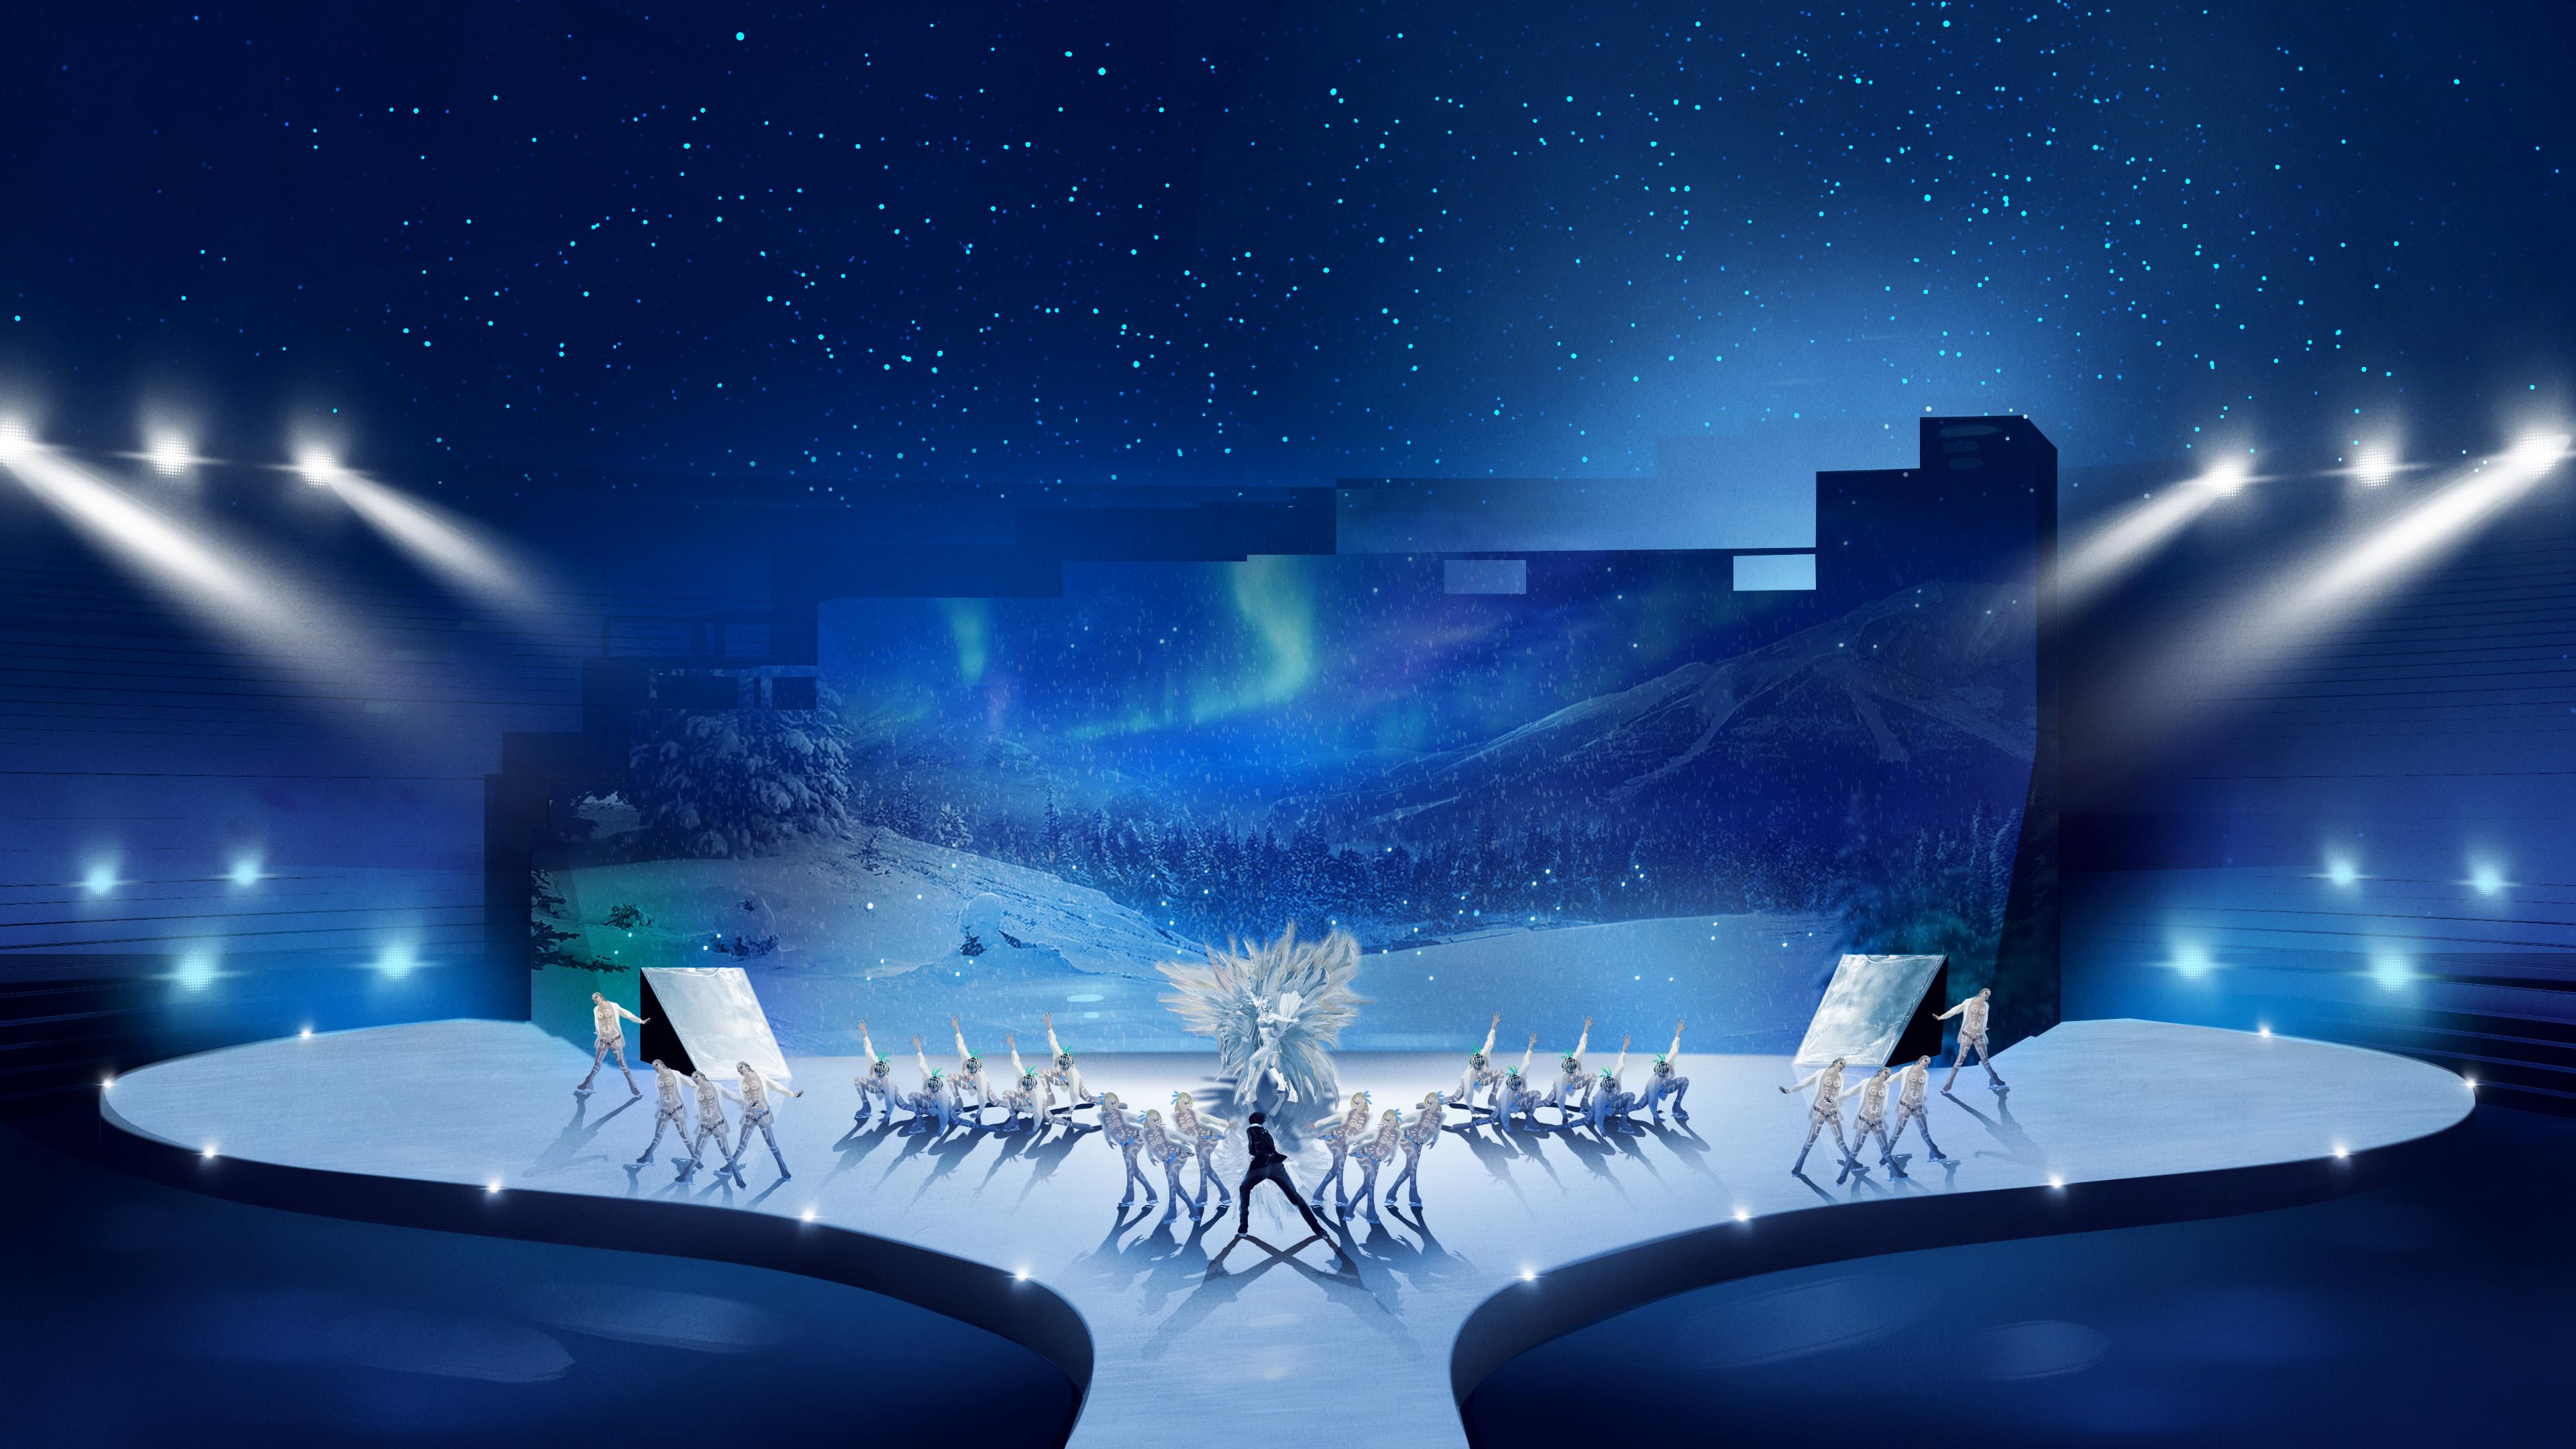 A show művészeti vezetője Kim Gavin lesz, aki korábban olyan nagyszabású eseményekért és showműsorokért felelt, mint a 2012-es Londoni Nyári Olimpiai- és Paralimpaiai Játékok záróünnepsége, Robbie Williams és Anastacia koncertjei, vagy a Wembley-ben 2007-ben Diana hercegnő tiszteletére rendezett emlékkoncert.<br /><br />Nathan Clark koreográfus is kulcsfontosságú résztvevő lesz a színfalak mögött - többek között olyan neves előadók koncertjeit koreografálta, mint a Spice Girls, Rihanna, Coldplay, Annie Lennox, Sir Tom Jones vagy Kylie Minogue. <br />Az est sztárfellépője: Andrea Bocelli.